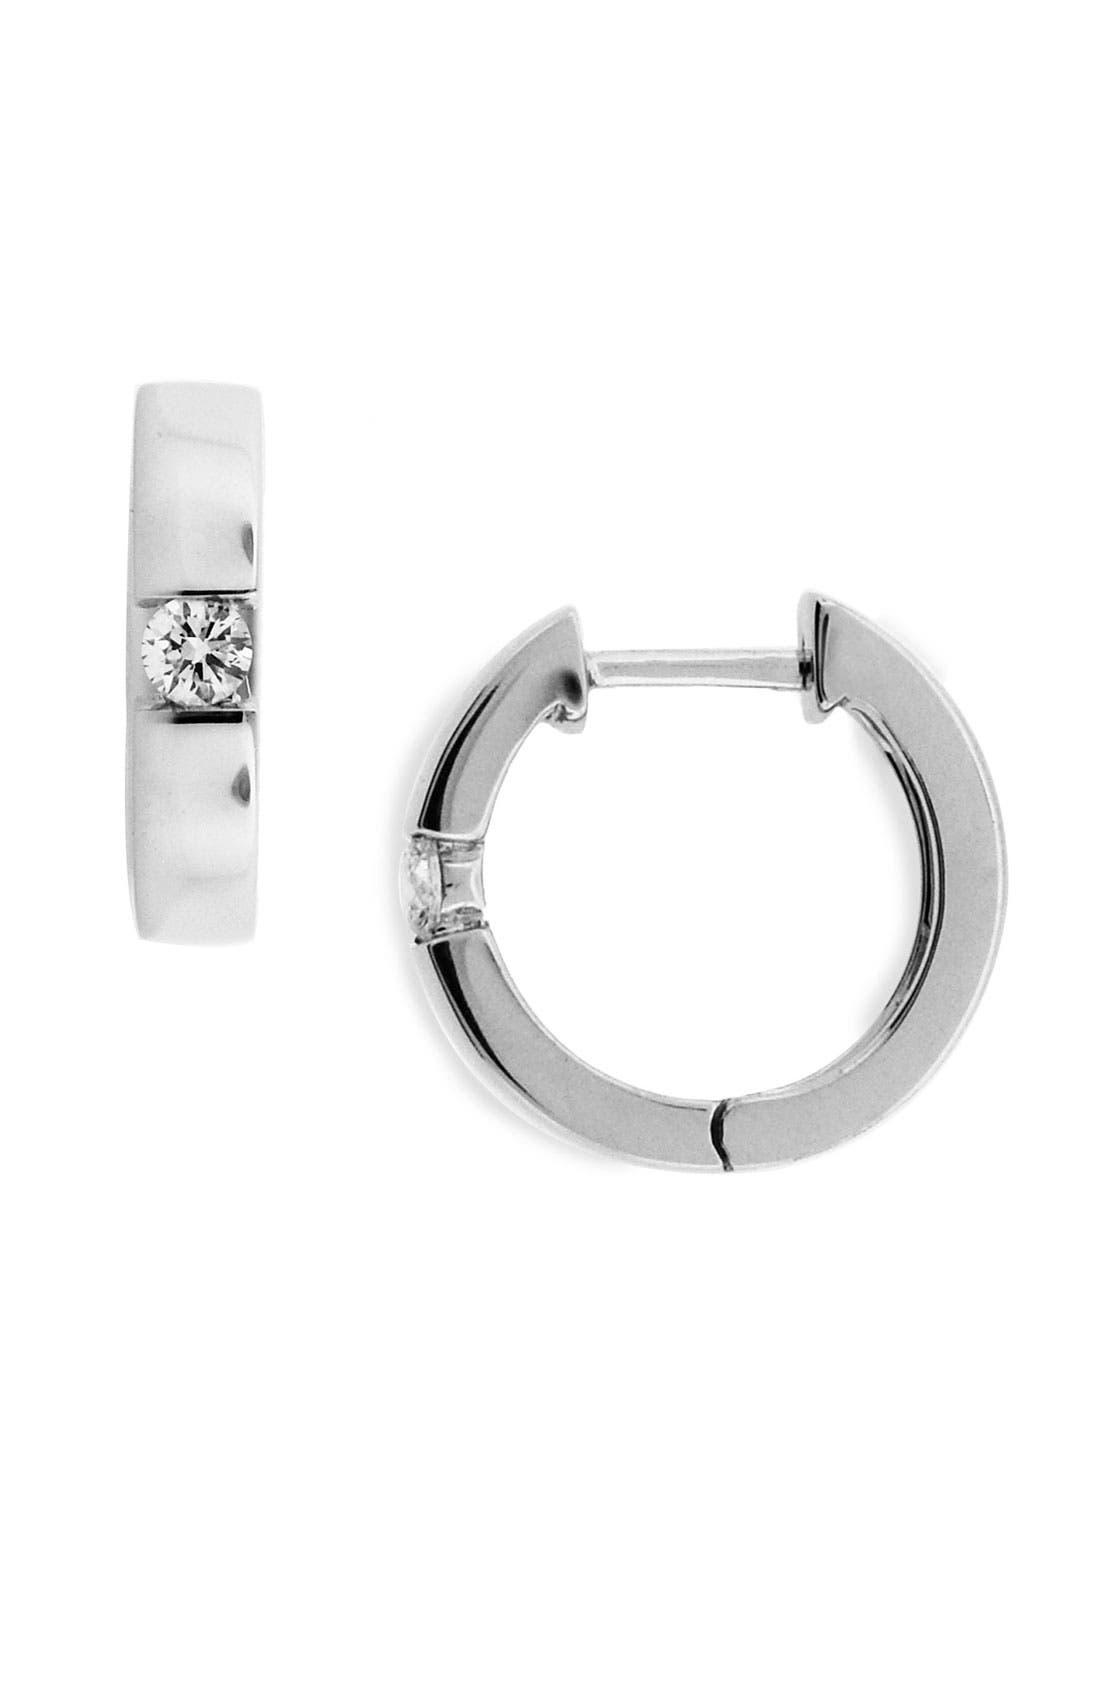 Alternate Image 1 Selected - Bony Levy Bar Set Diamond Hoop Earrings (Nordstrom Exclusive)